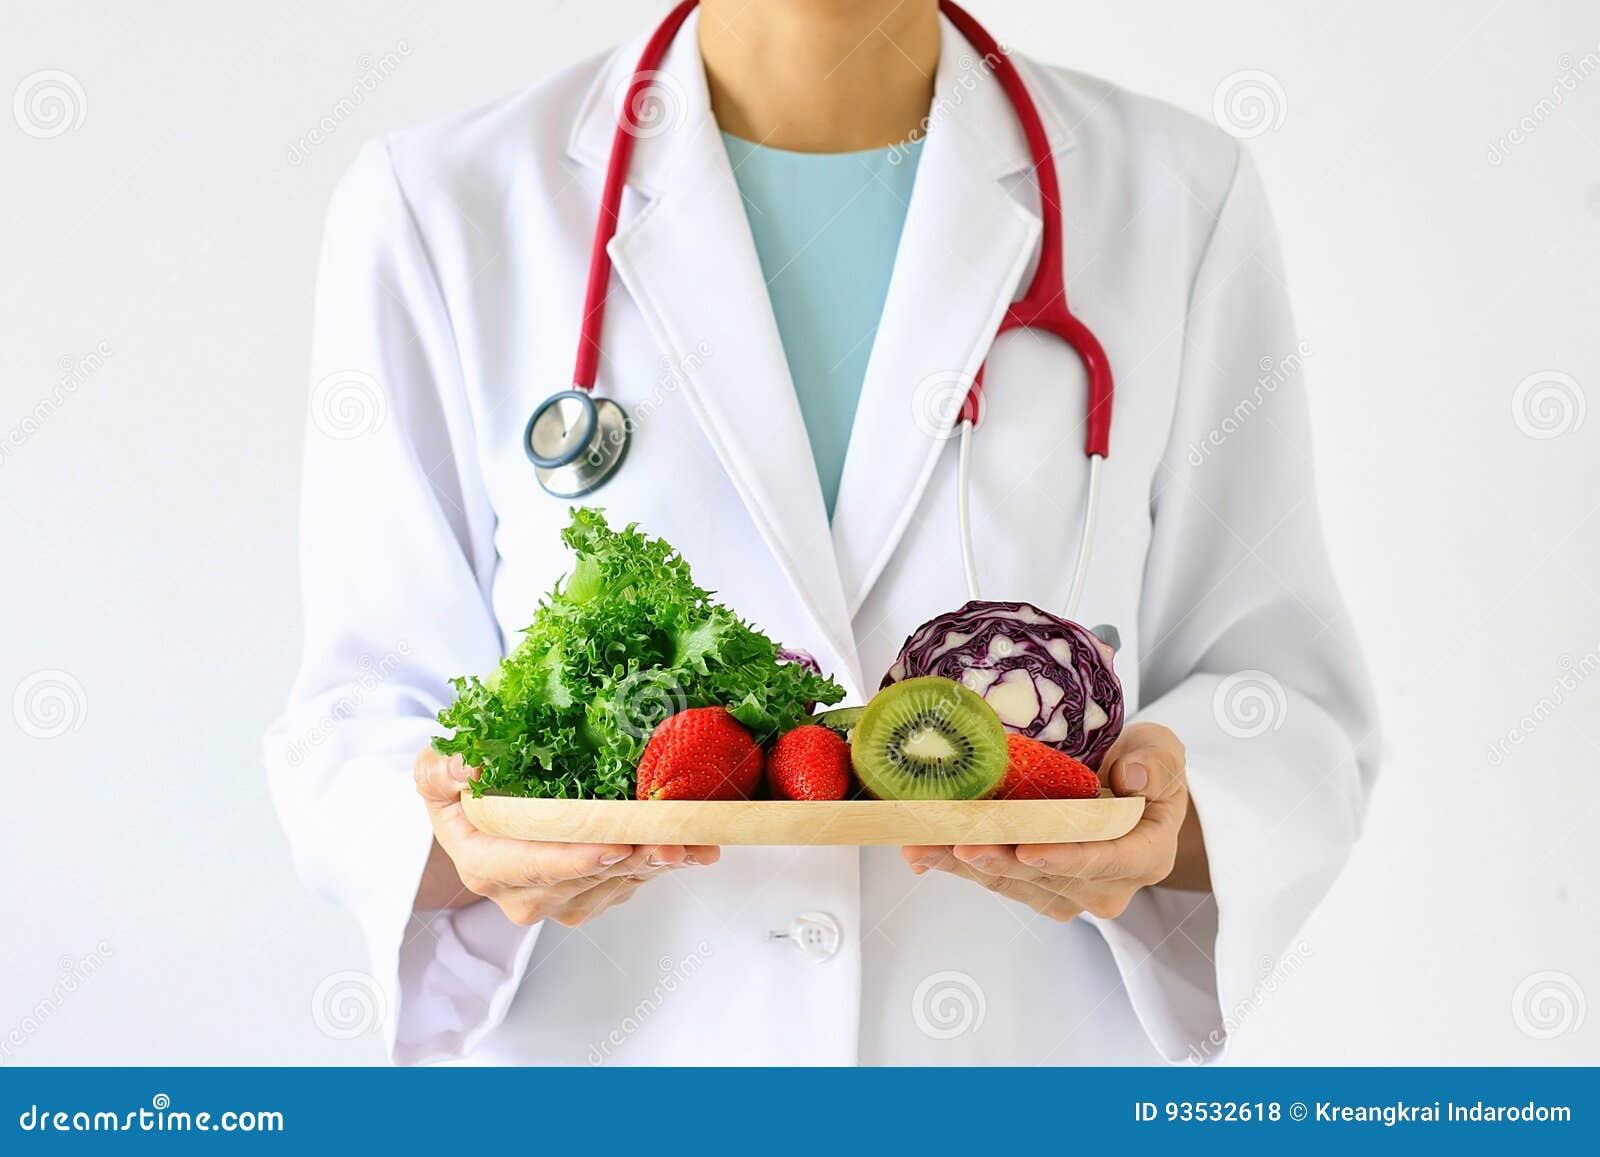 Γιατρός που κρατά τα φρέσκα φρούτα και λαχανικά, υγιεινή διατροφή